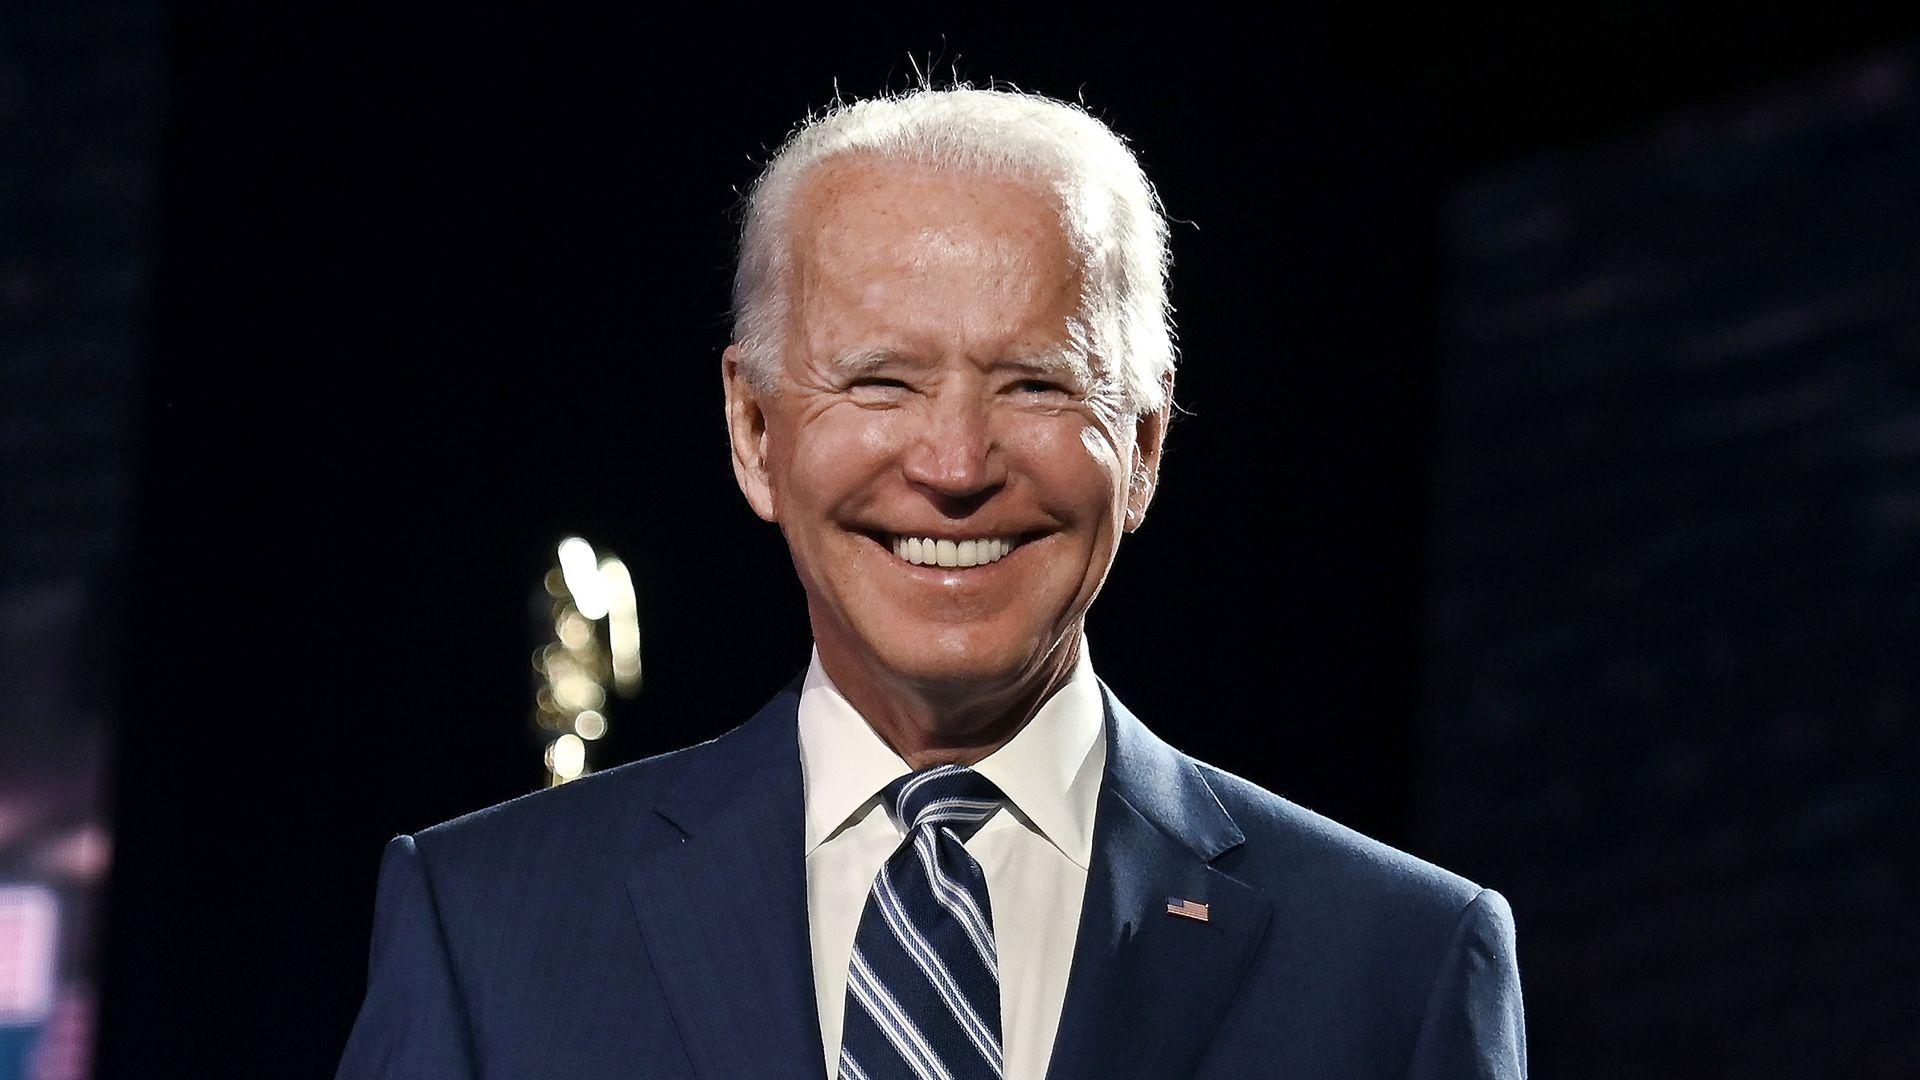 73 Republican security officials endorse Biden for president - Axios